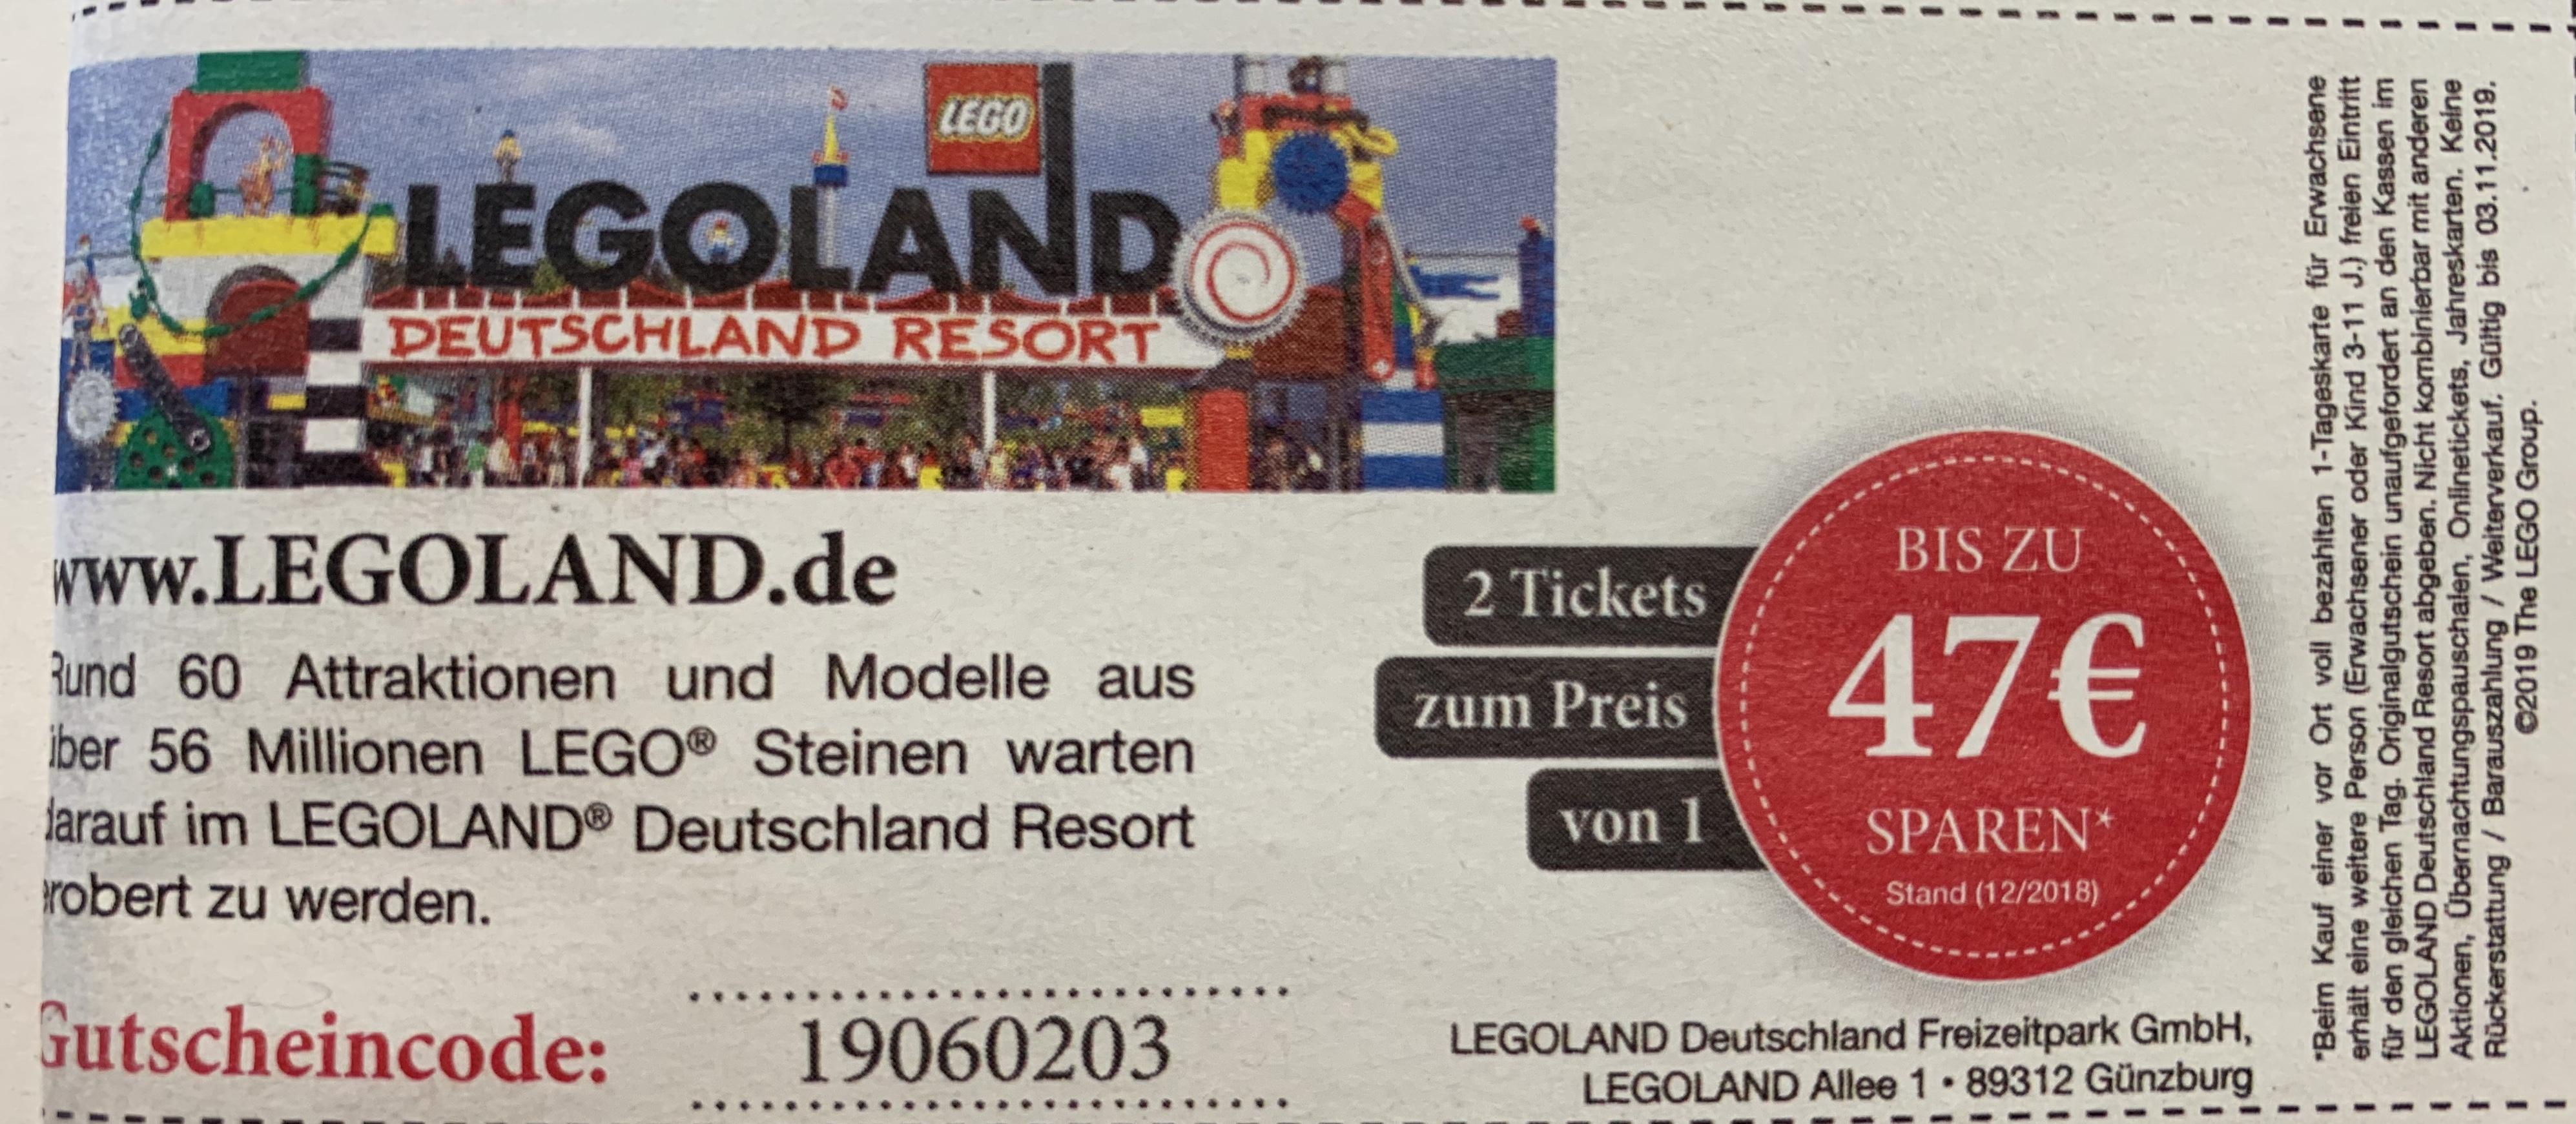 Legoland - 2 Tickets zum Preis von EINEM! (Tagesticket)